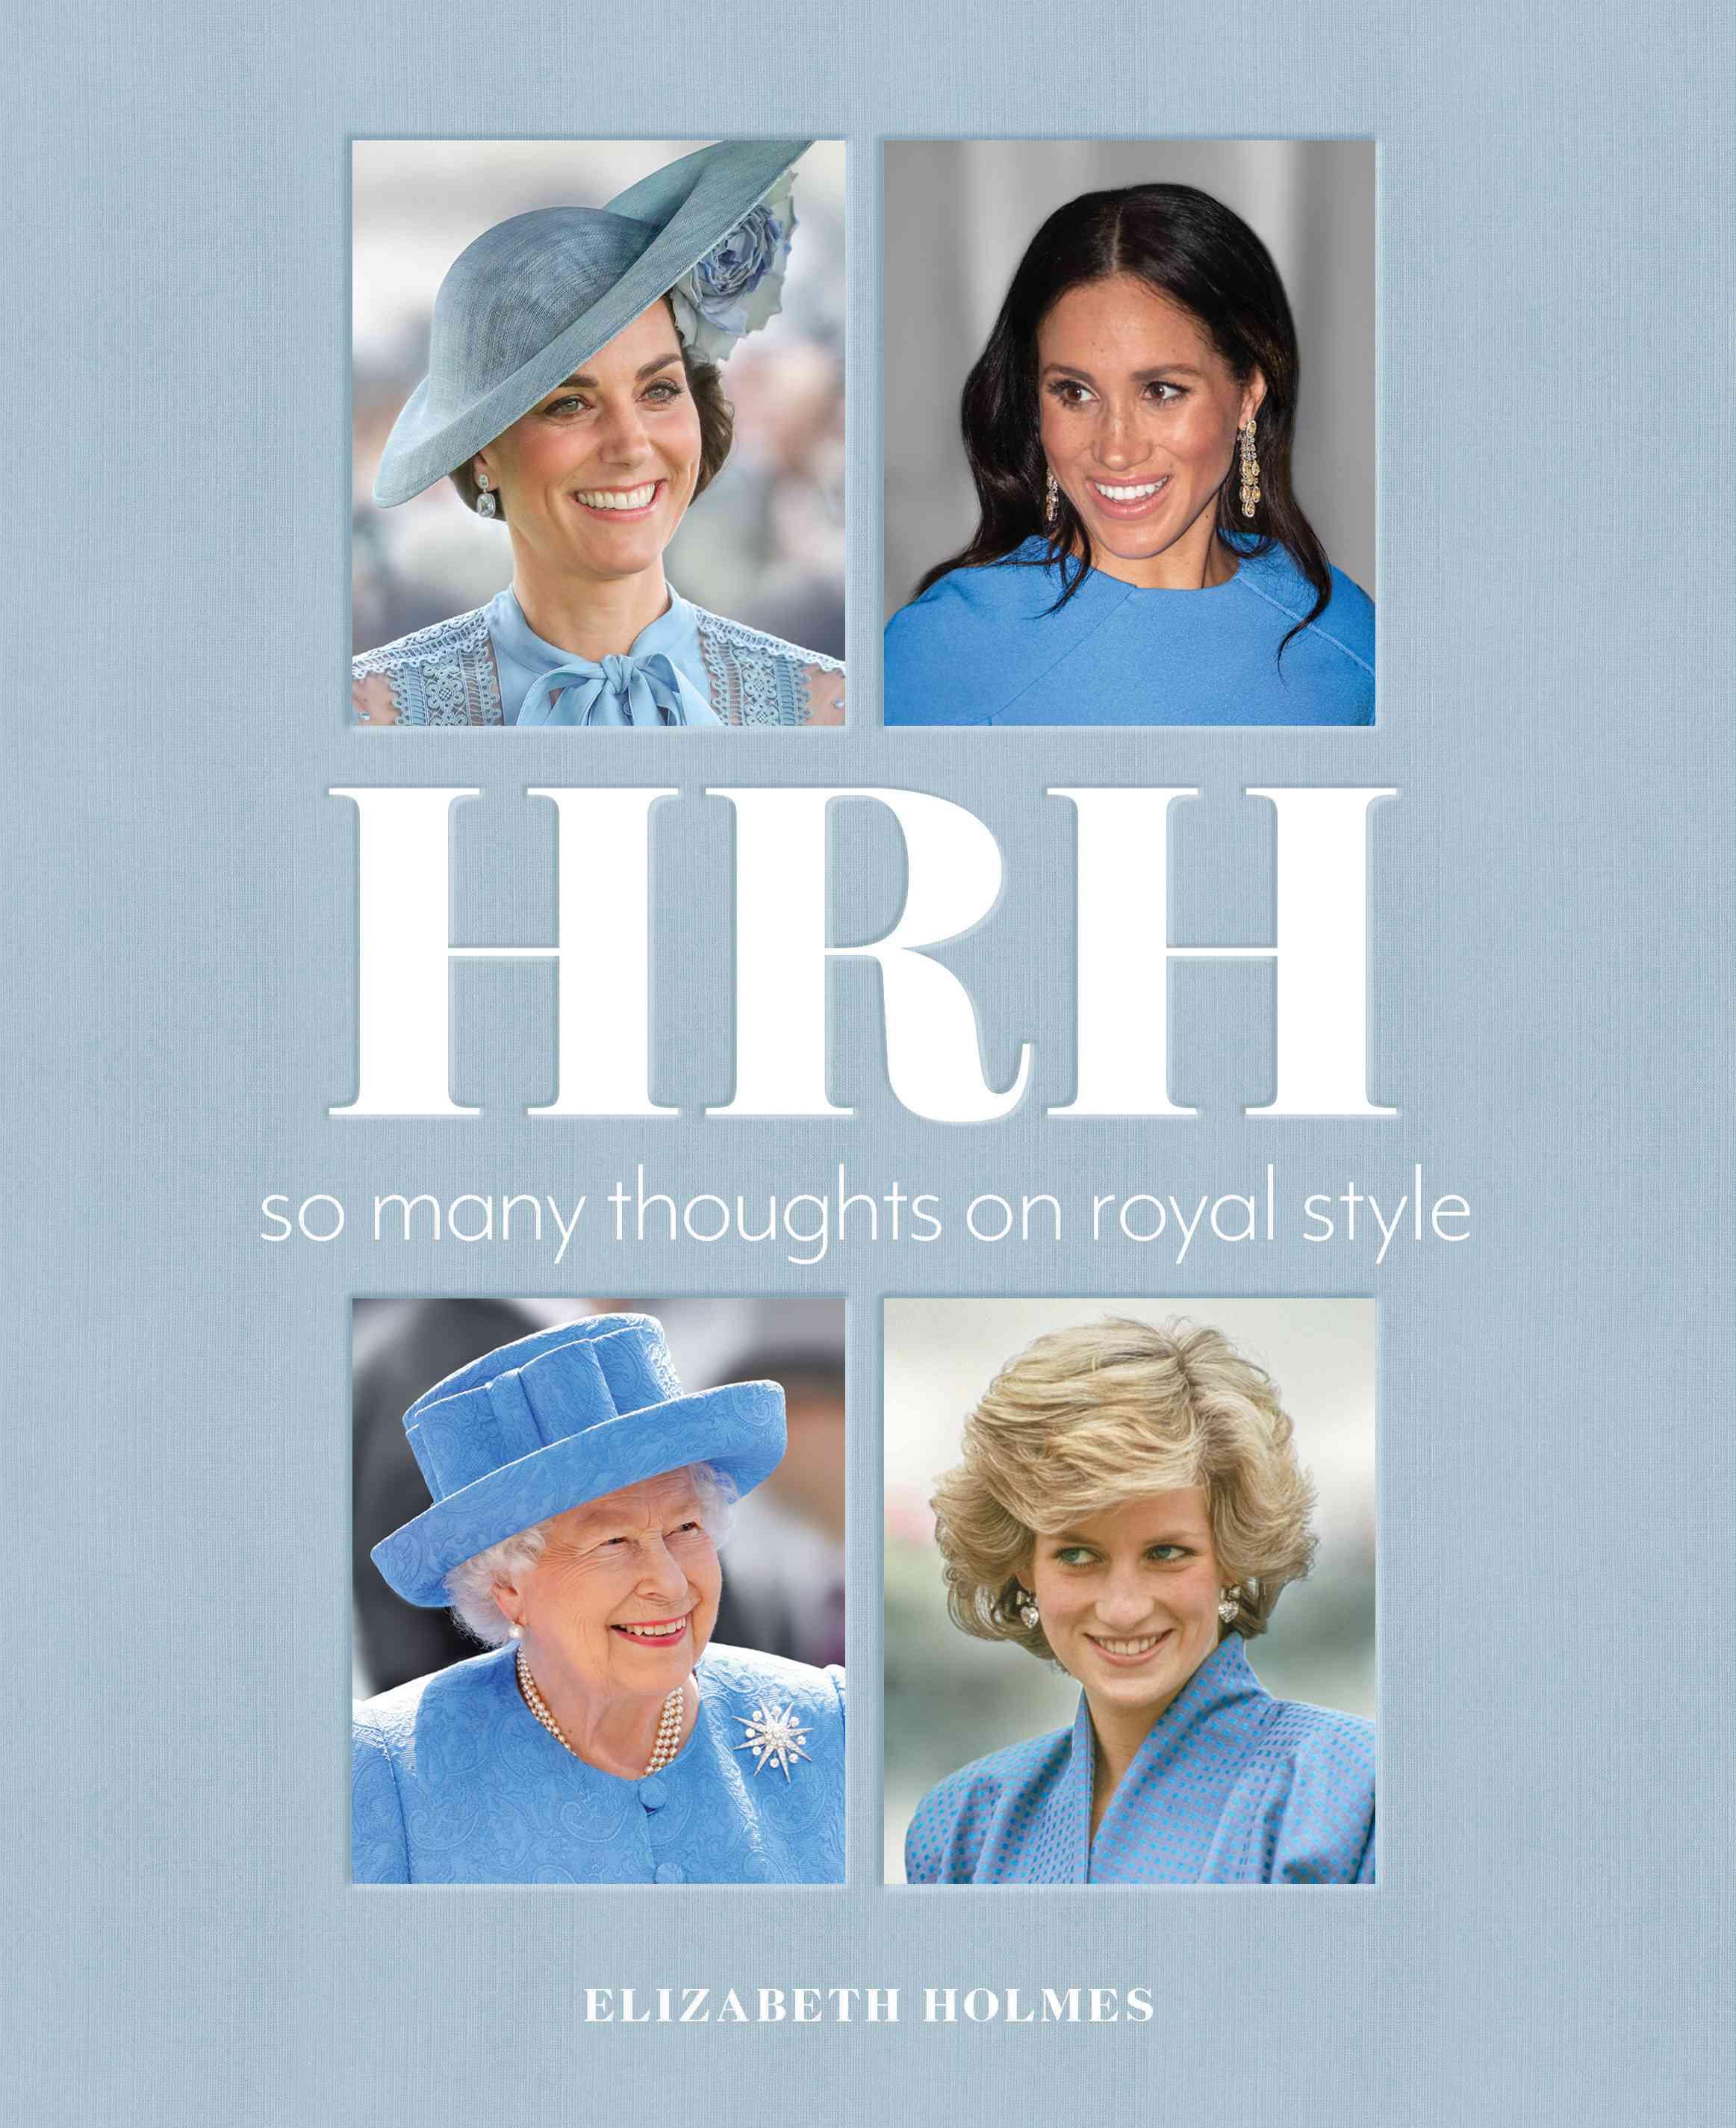 HRH Cover